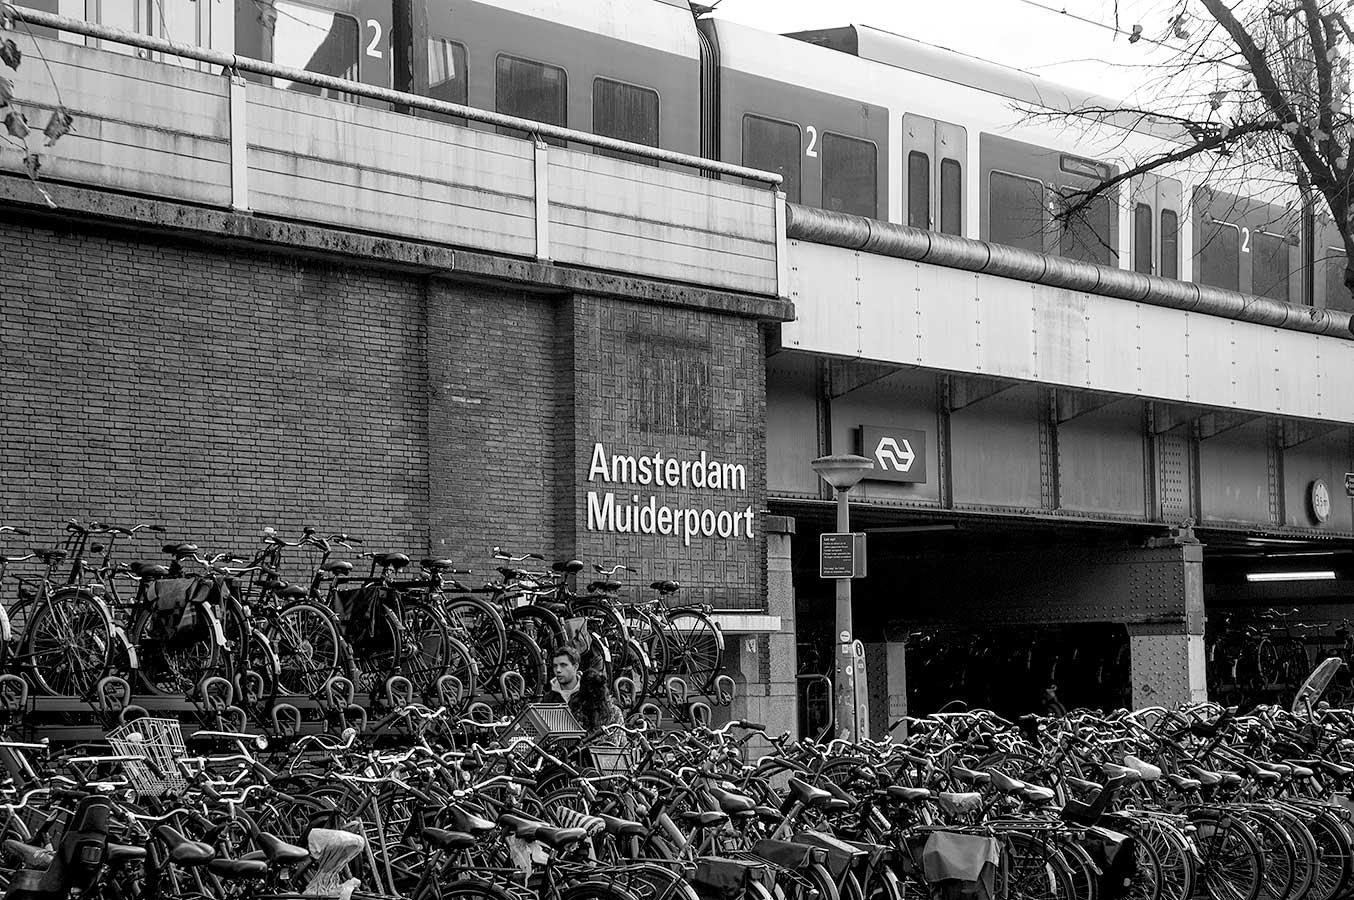 Amsterdam Muiderpoort Pontanusstraatzijde met fietsenstalling op voorgrond en trein bij perron 9